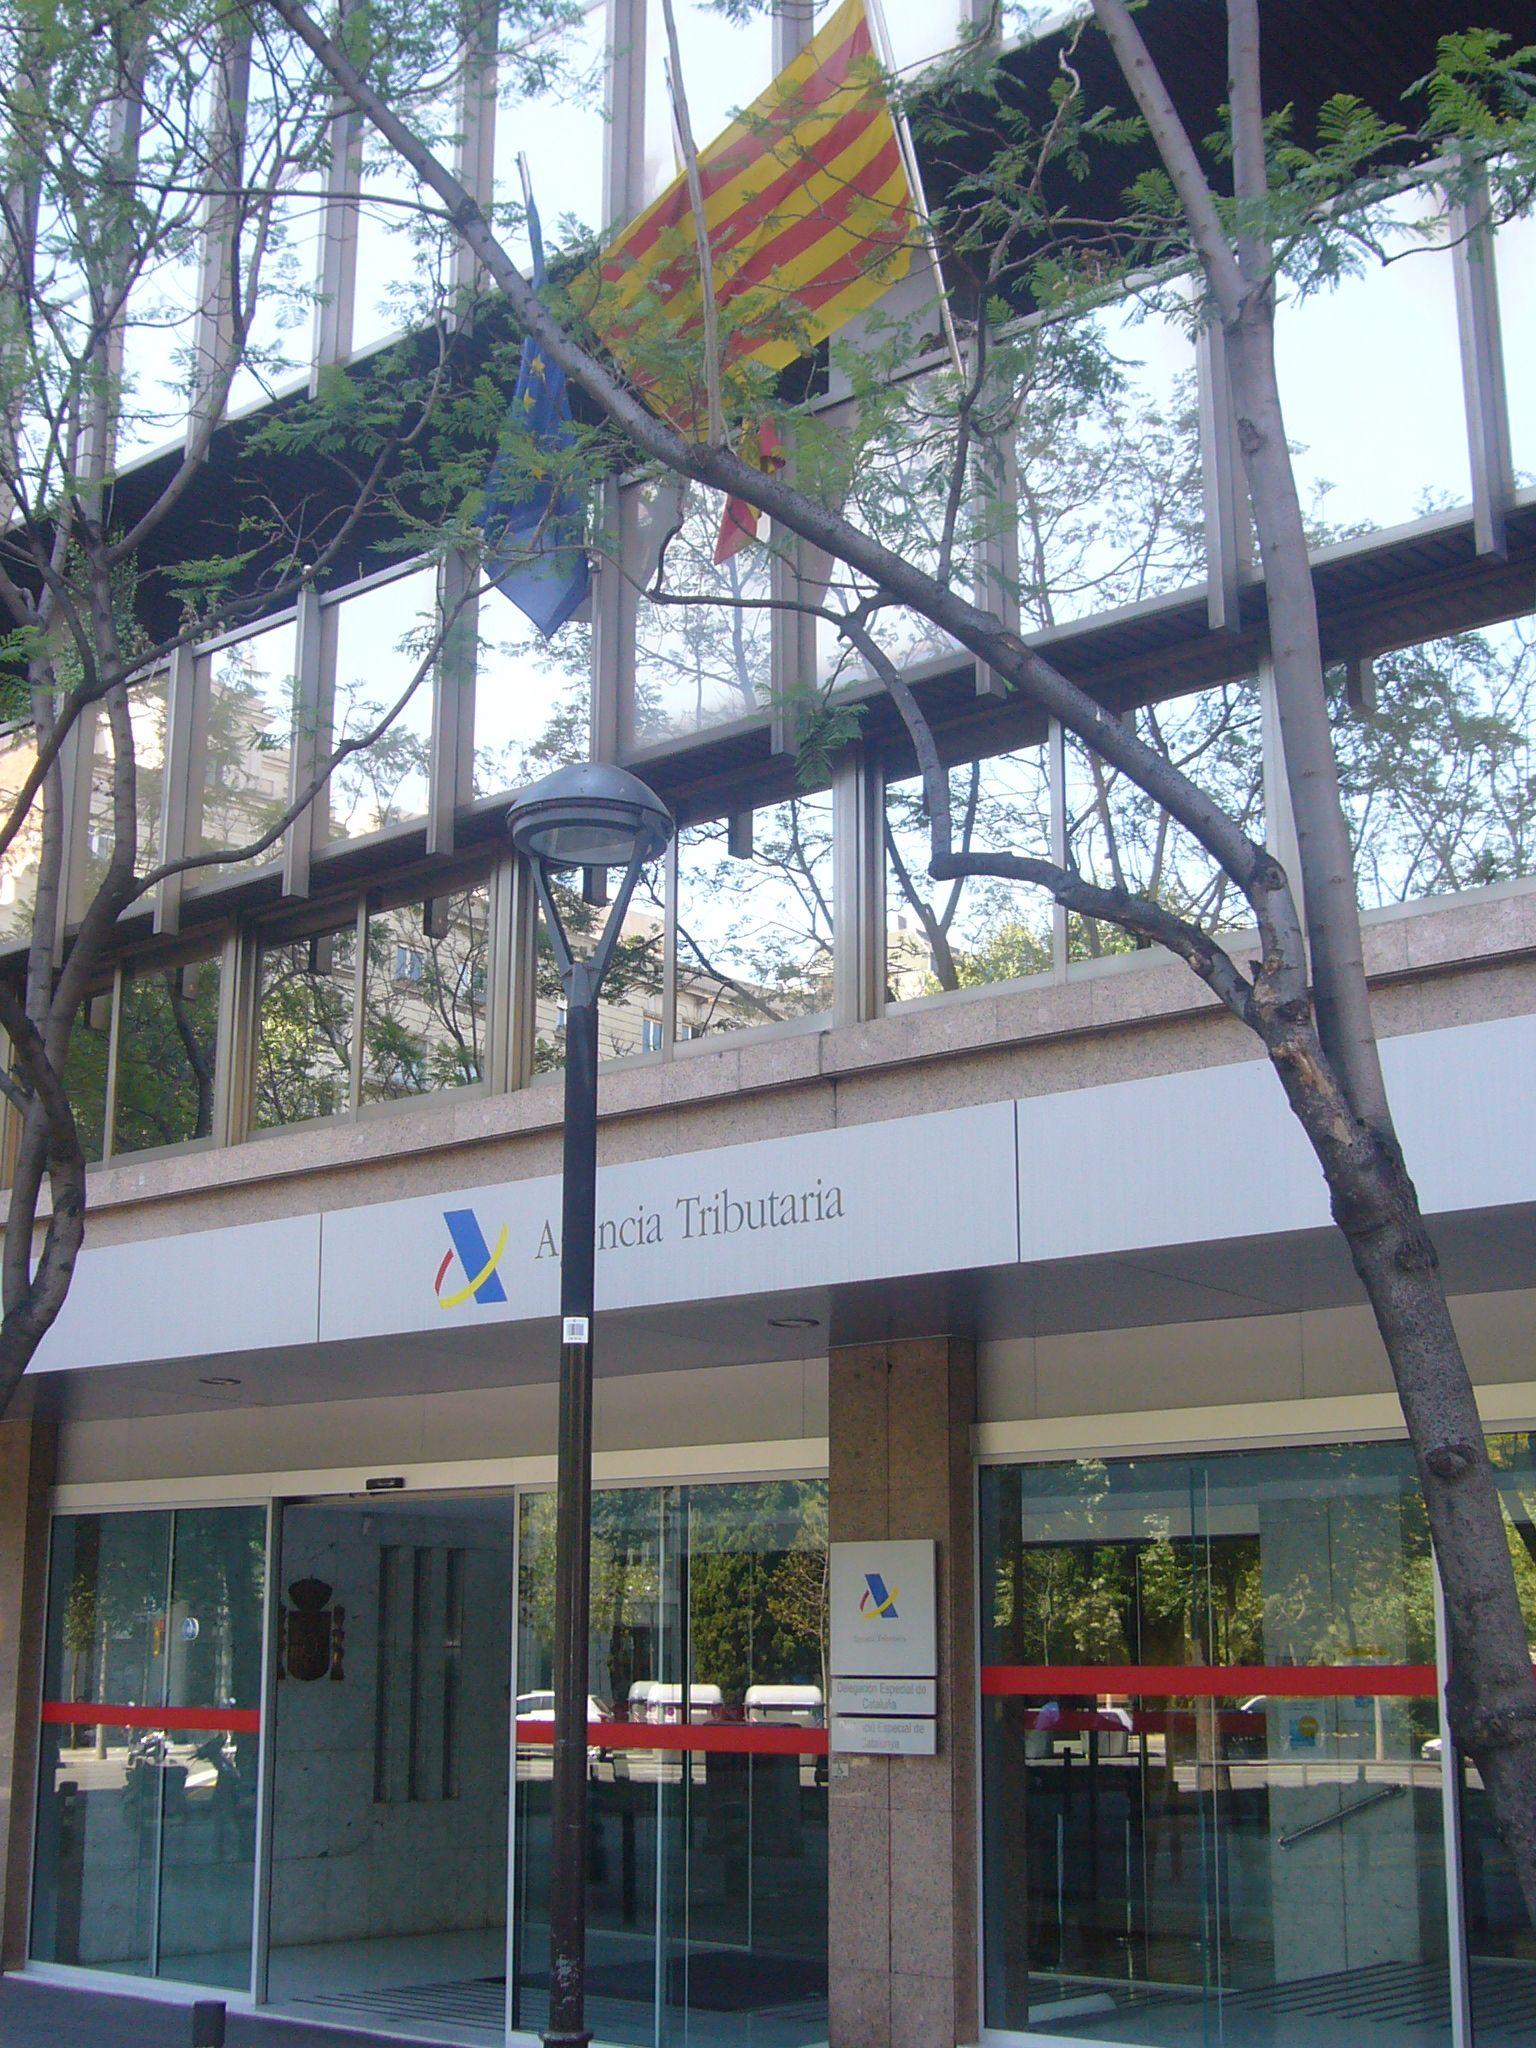 L 39 ag ncia tribut ria de catalunya obre una altra oficina for Oficinas de agencia tributaria en barcelona